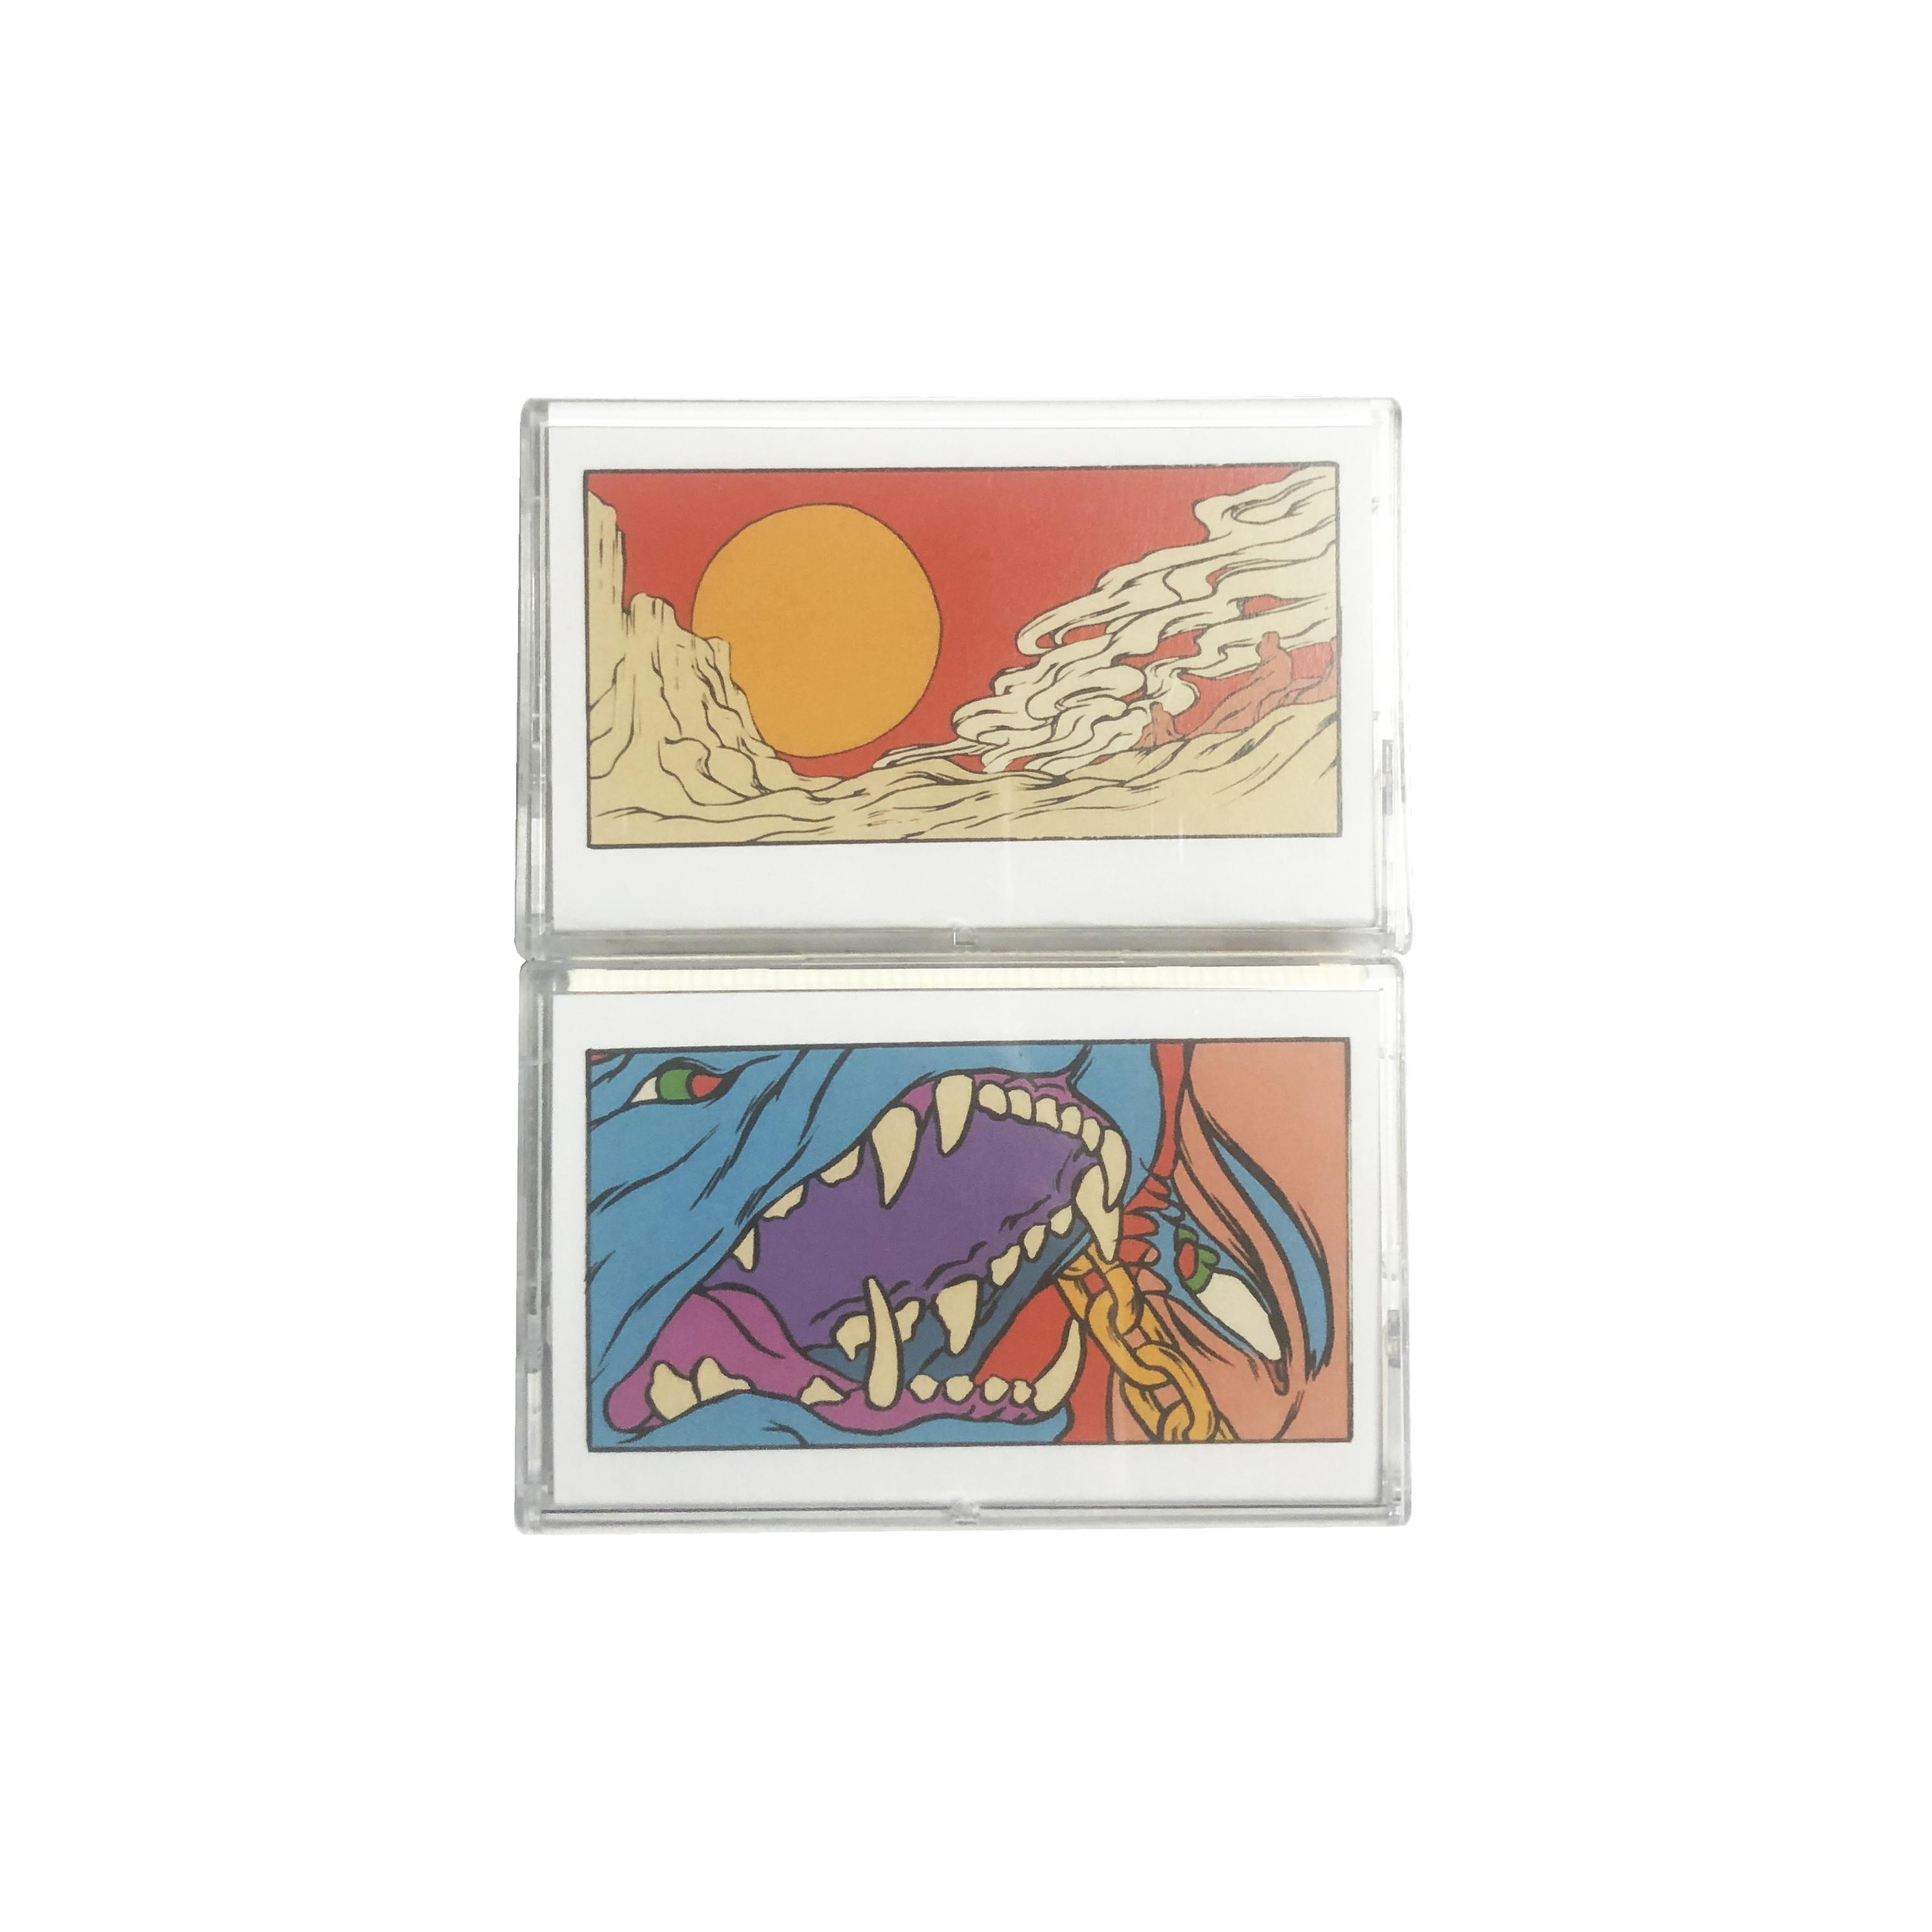 Lockimara - Dog Bite Cassette